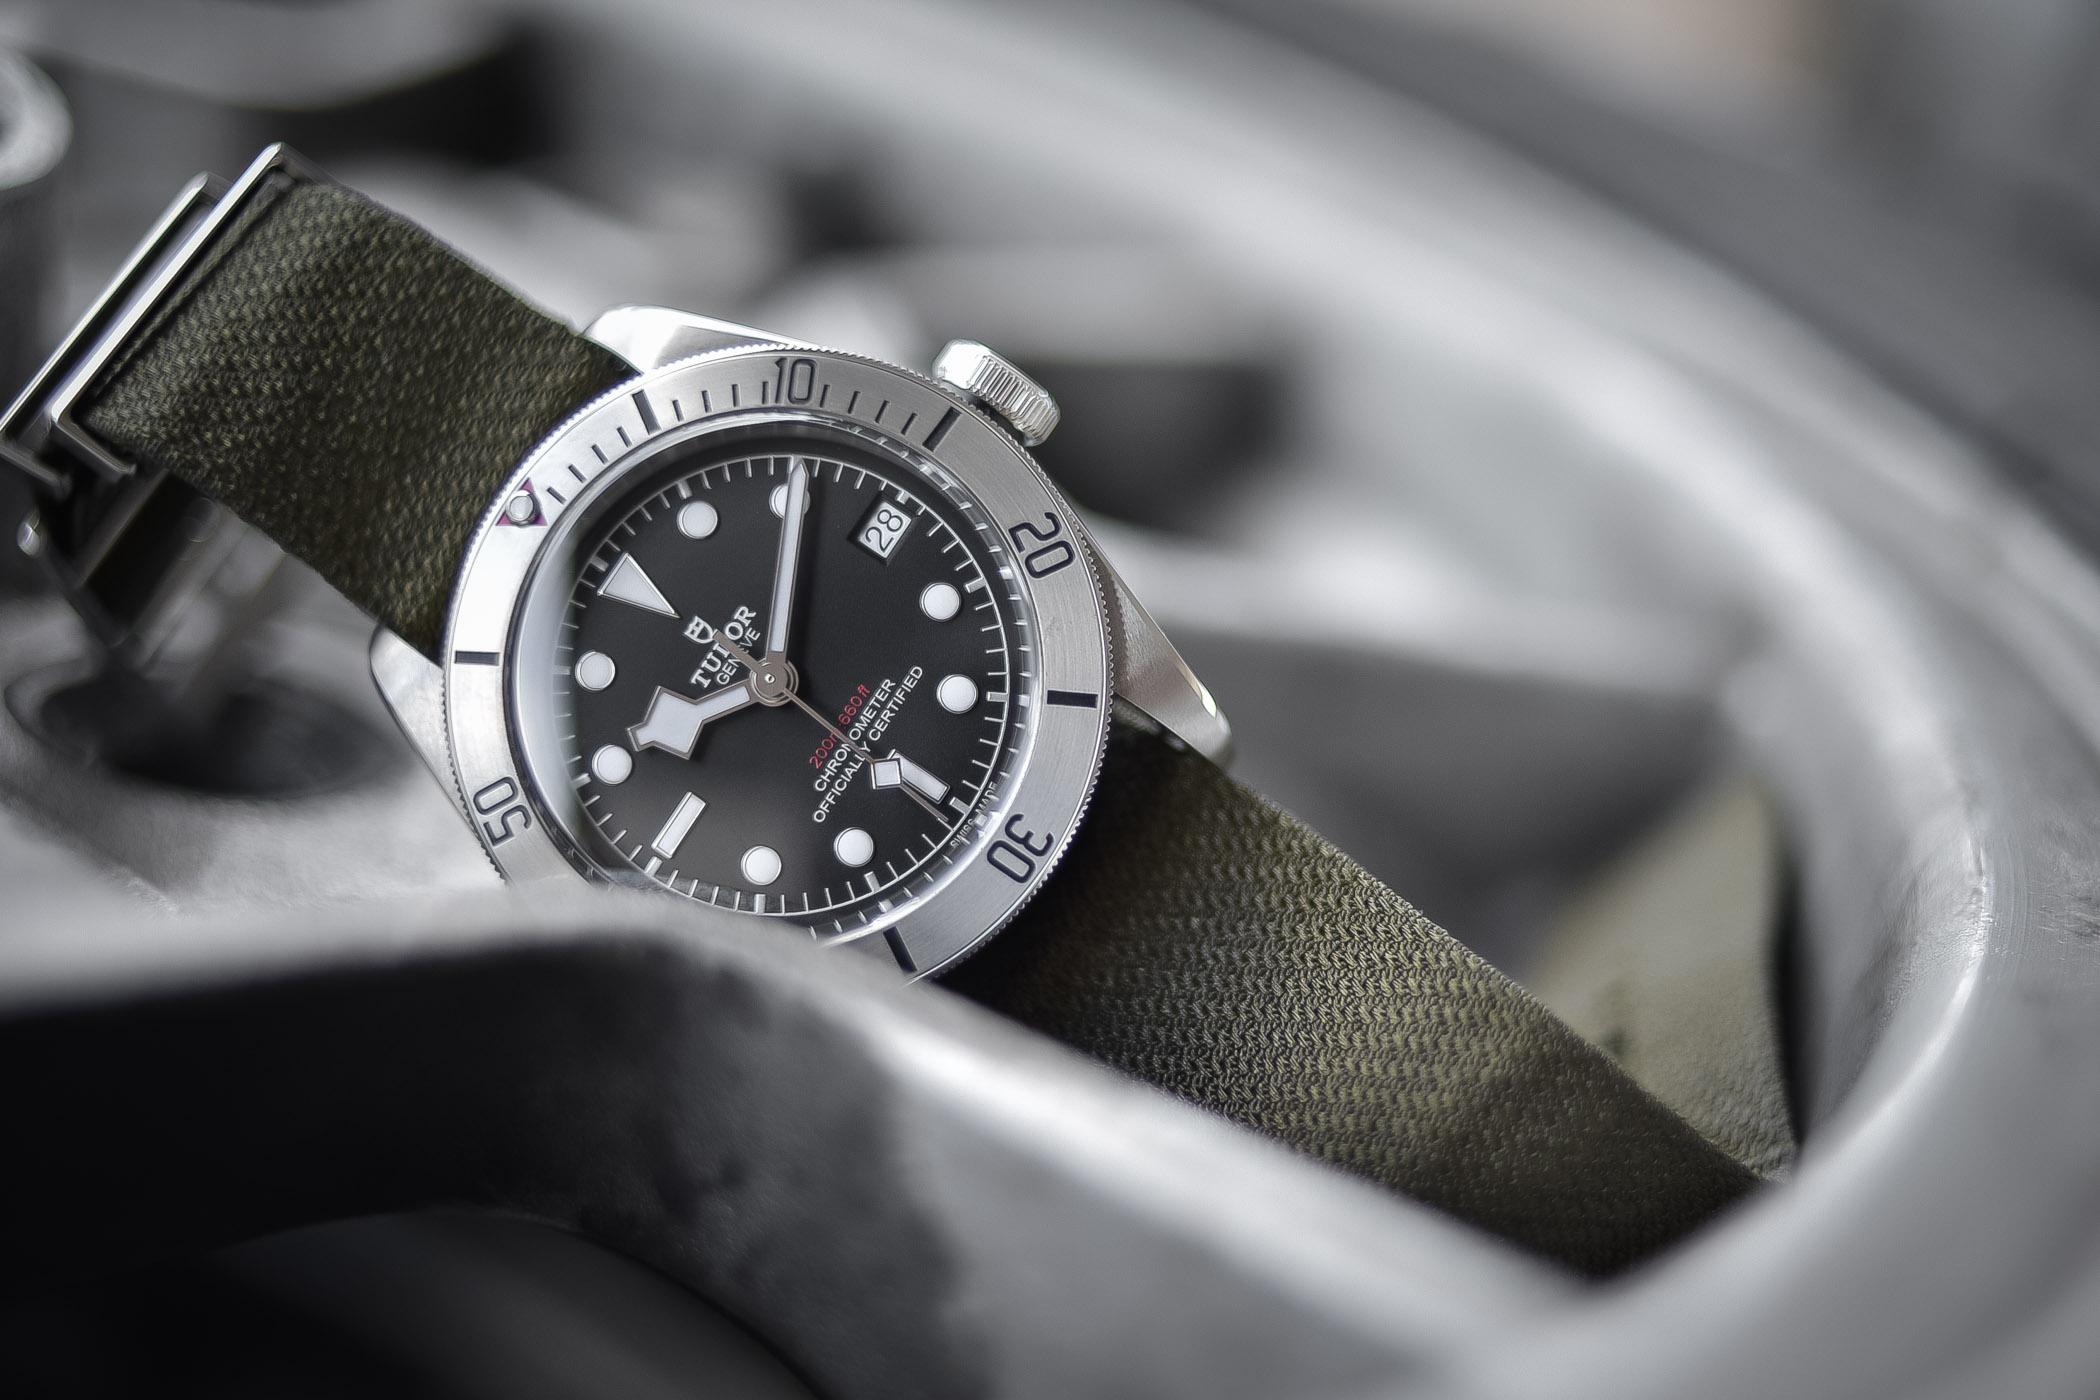 cba31f1bcd Tudor Heritage Black Bay Steel 79730 - Review (Specs   Price)